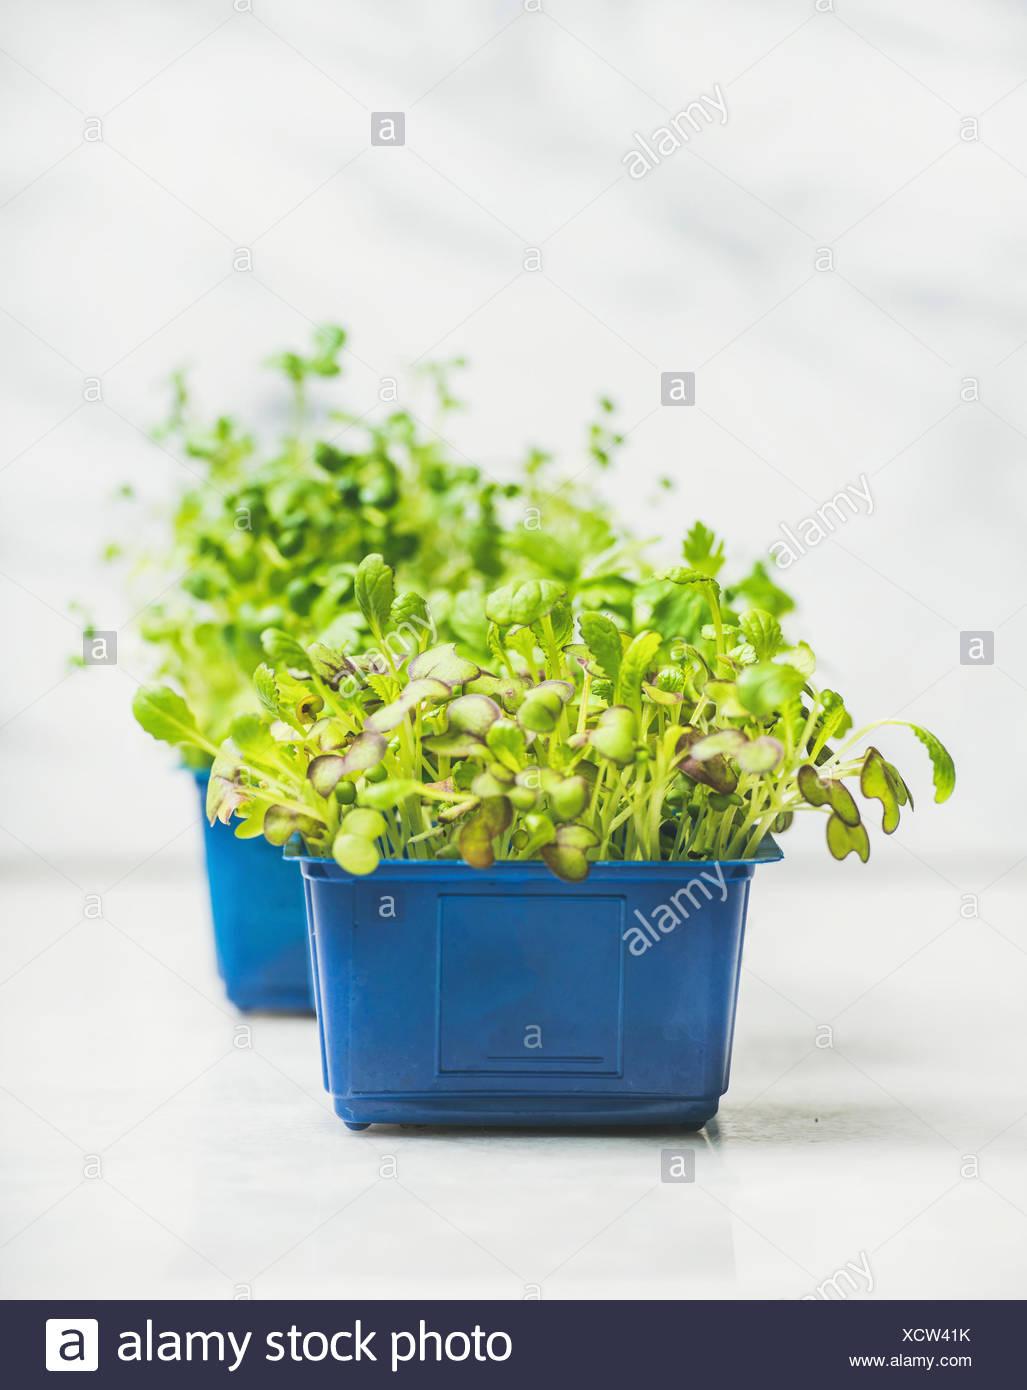 Primavera fresca verde berro rábano vivo brota en macetas de plástico azul sobre fondo de mármol blanco para comer sano, el enfoque selectivo, copie el espacio. Limpiar Imagen De Stock